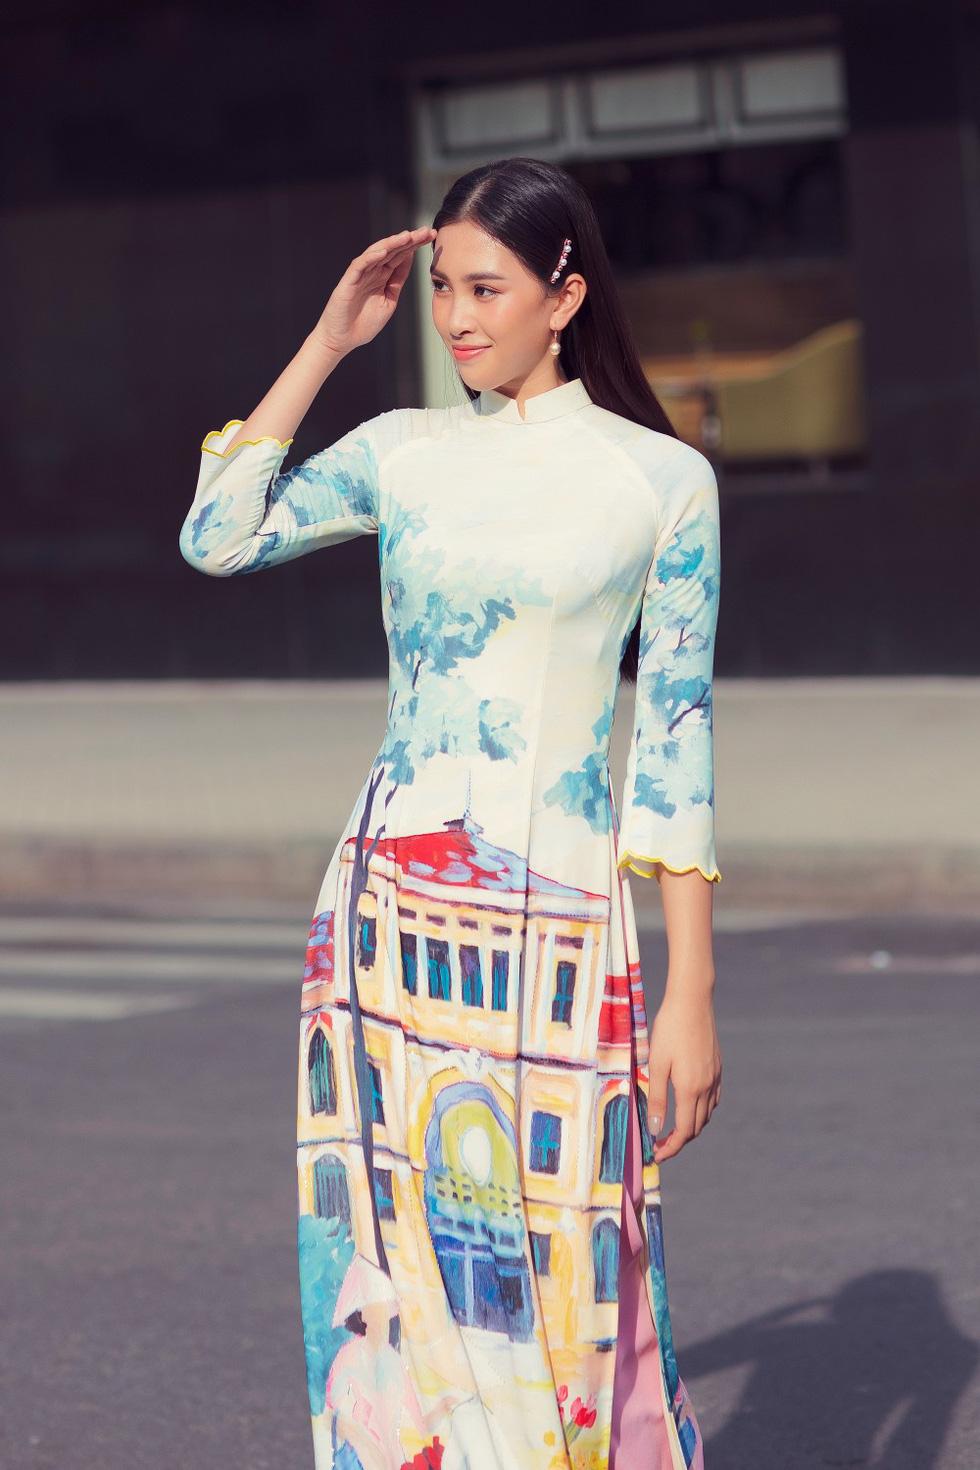 Hoa hậu Tiểu Vy khoe sắc cùng bộ sưu tập áo dài Sài Gòn ơi! - Ảnh 4.